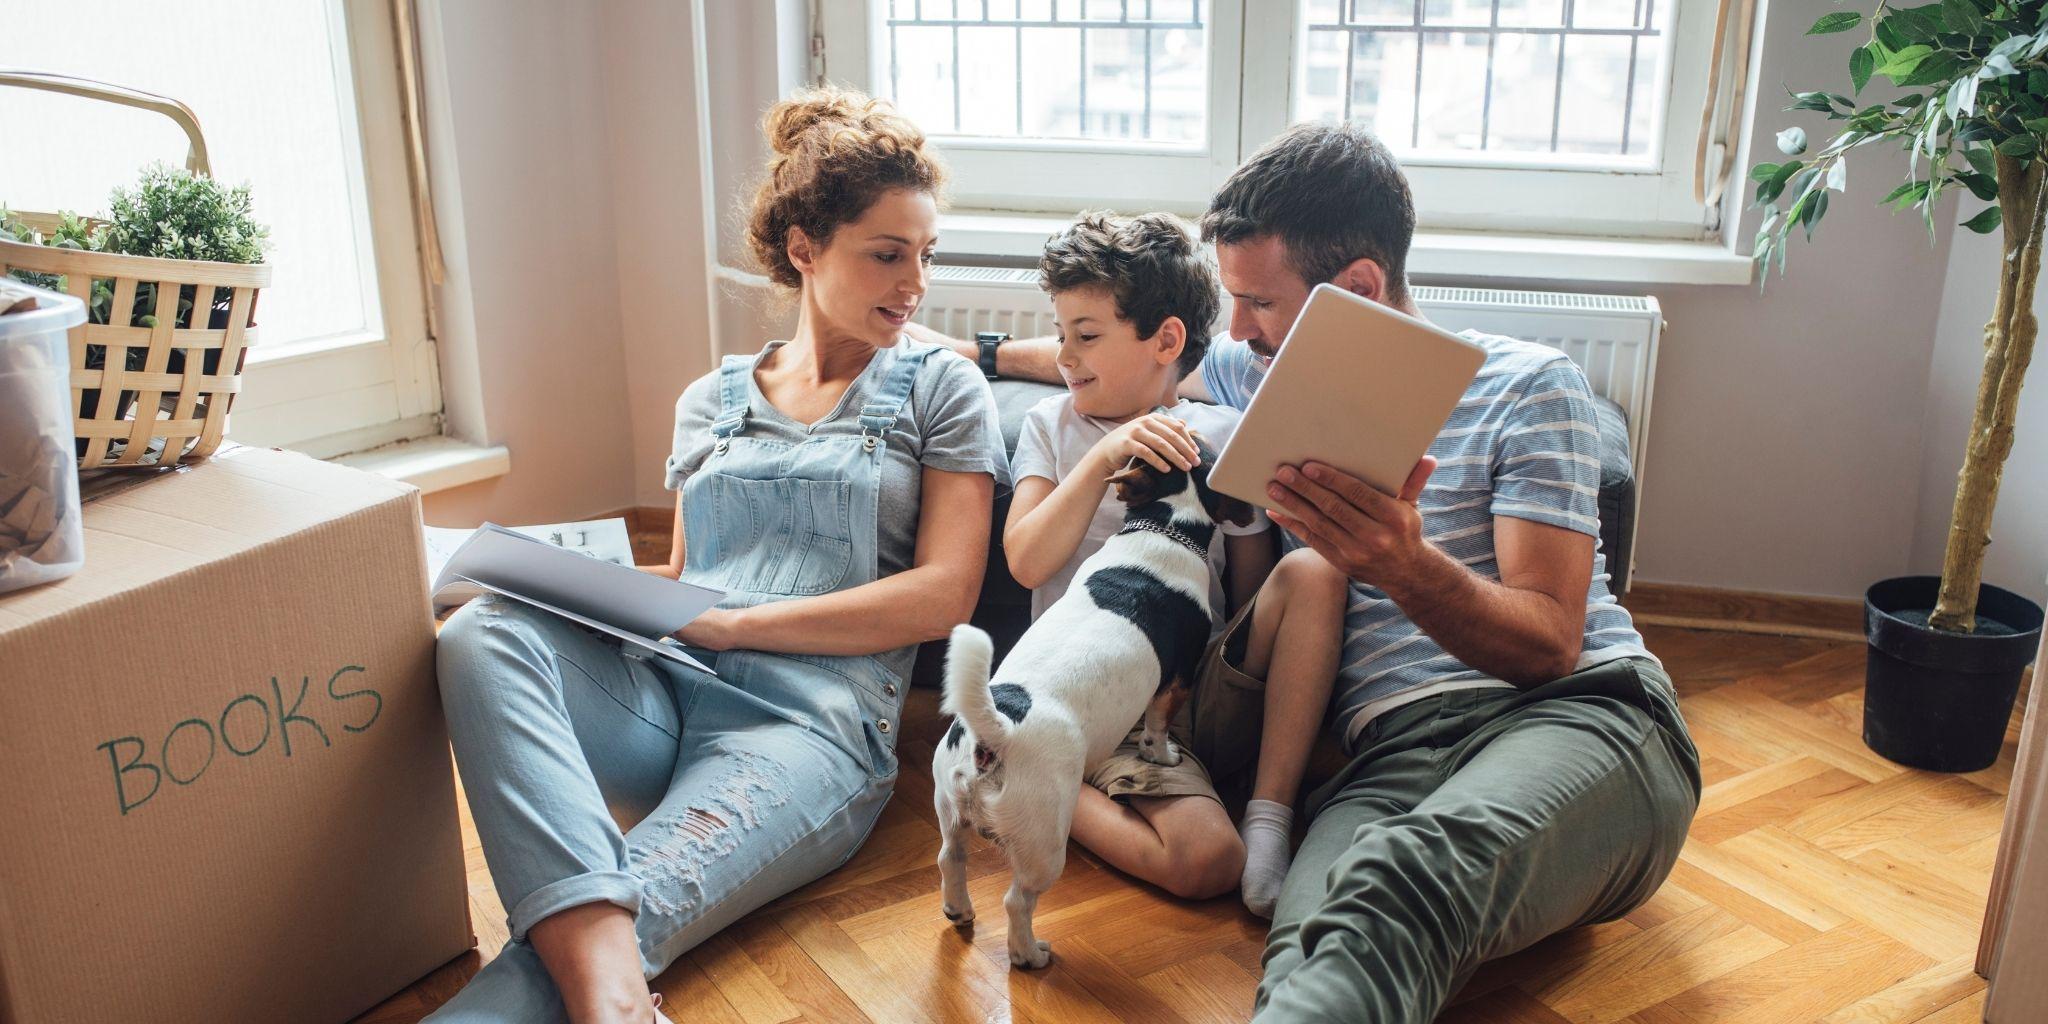 Genitori che espatriano: consigli per aiutare i figli ad integrarsi